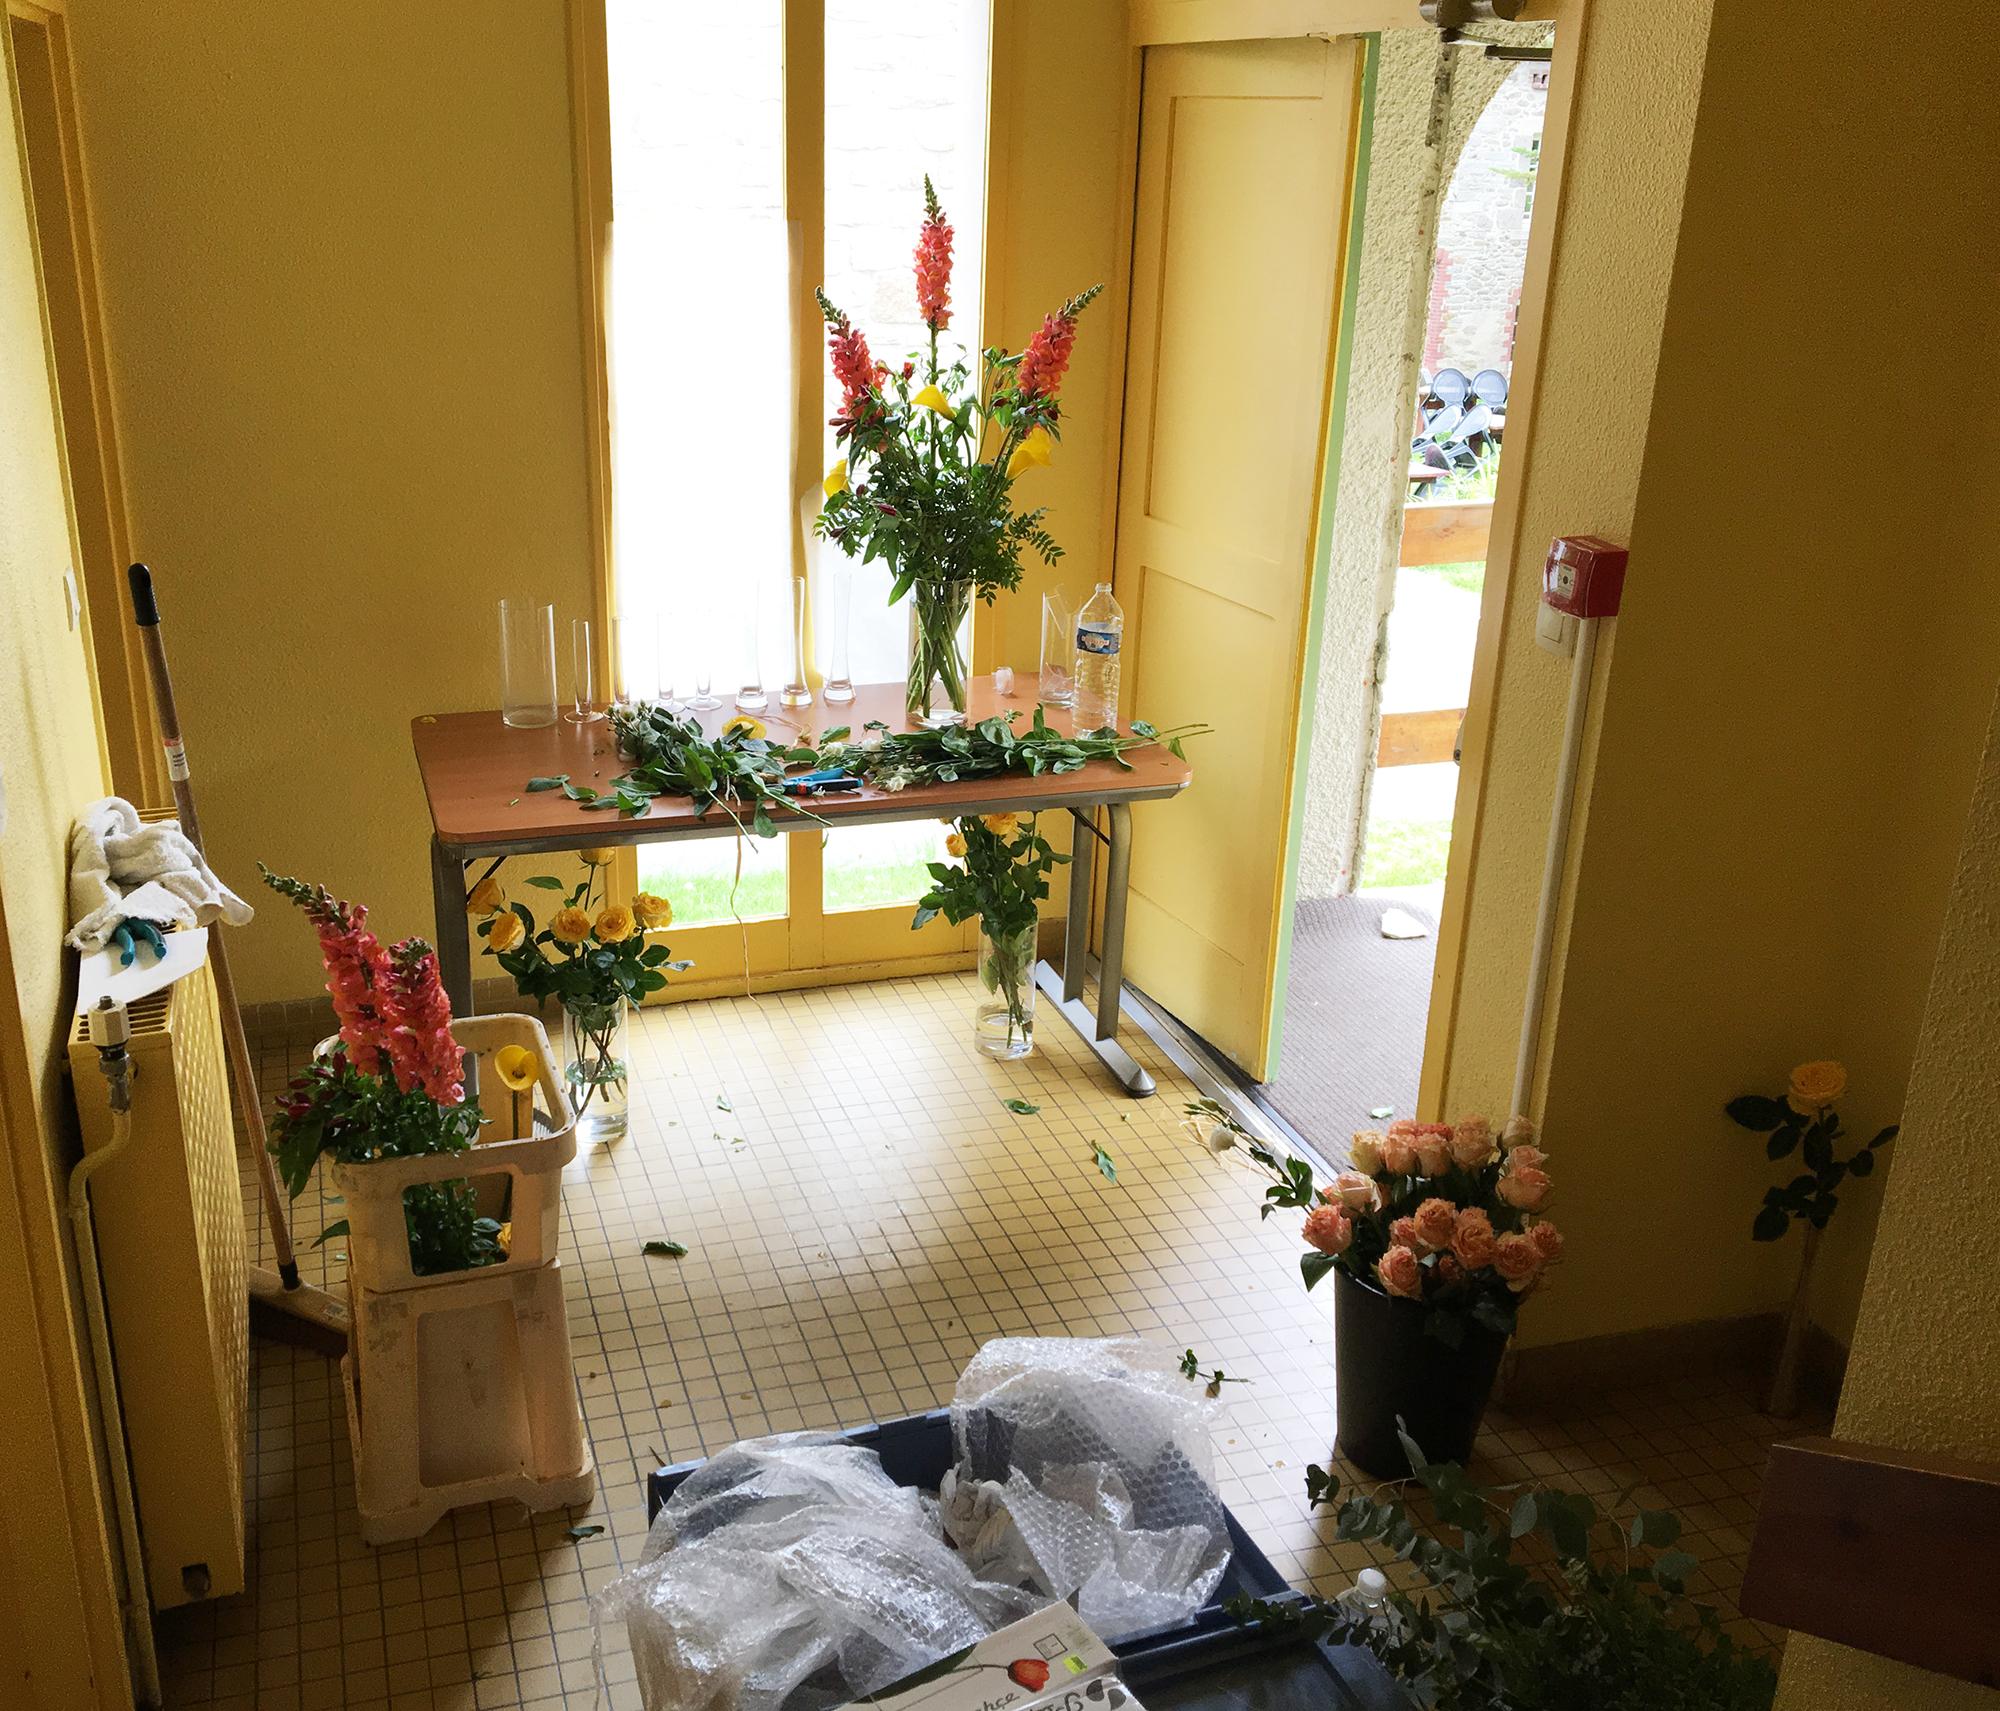 Décoration Salle De Méditation pourquoi y a-t-il toujours des fleurs à l'École occidentale